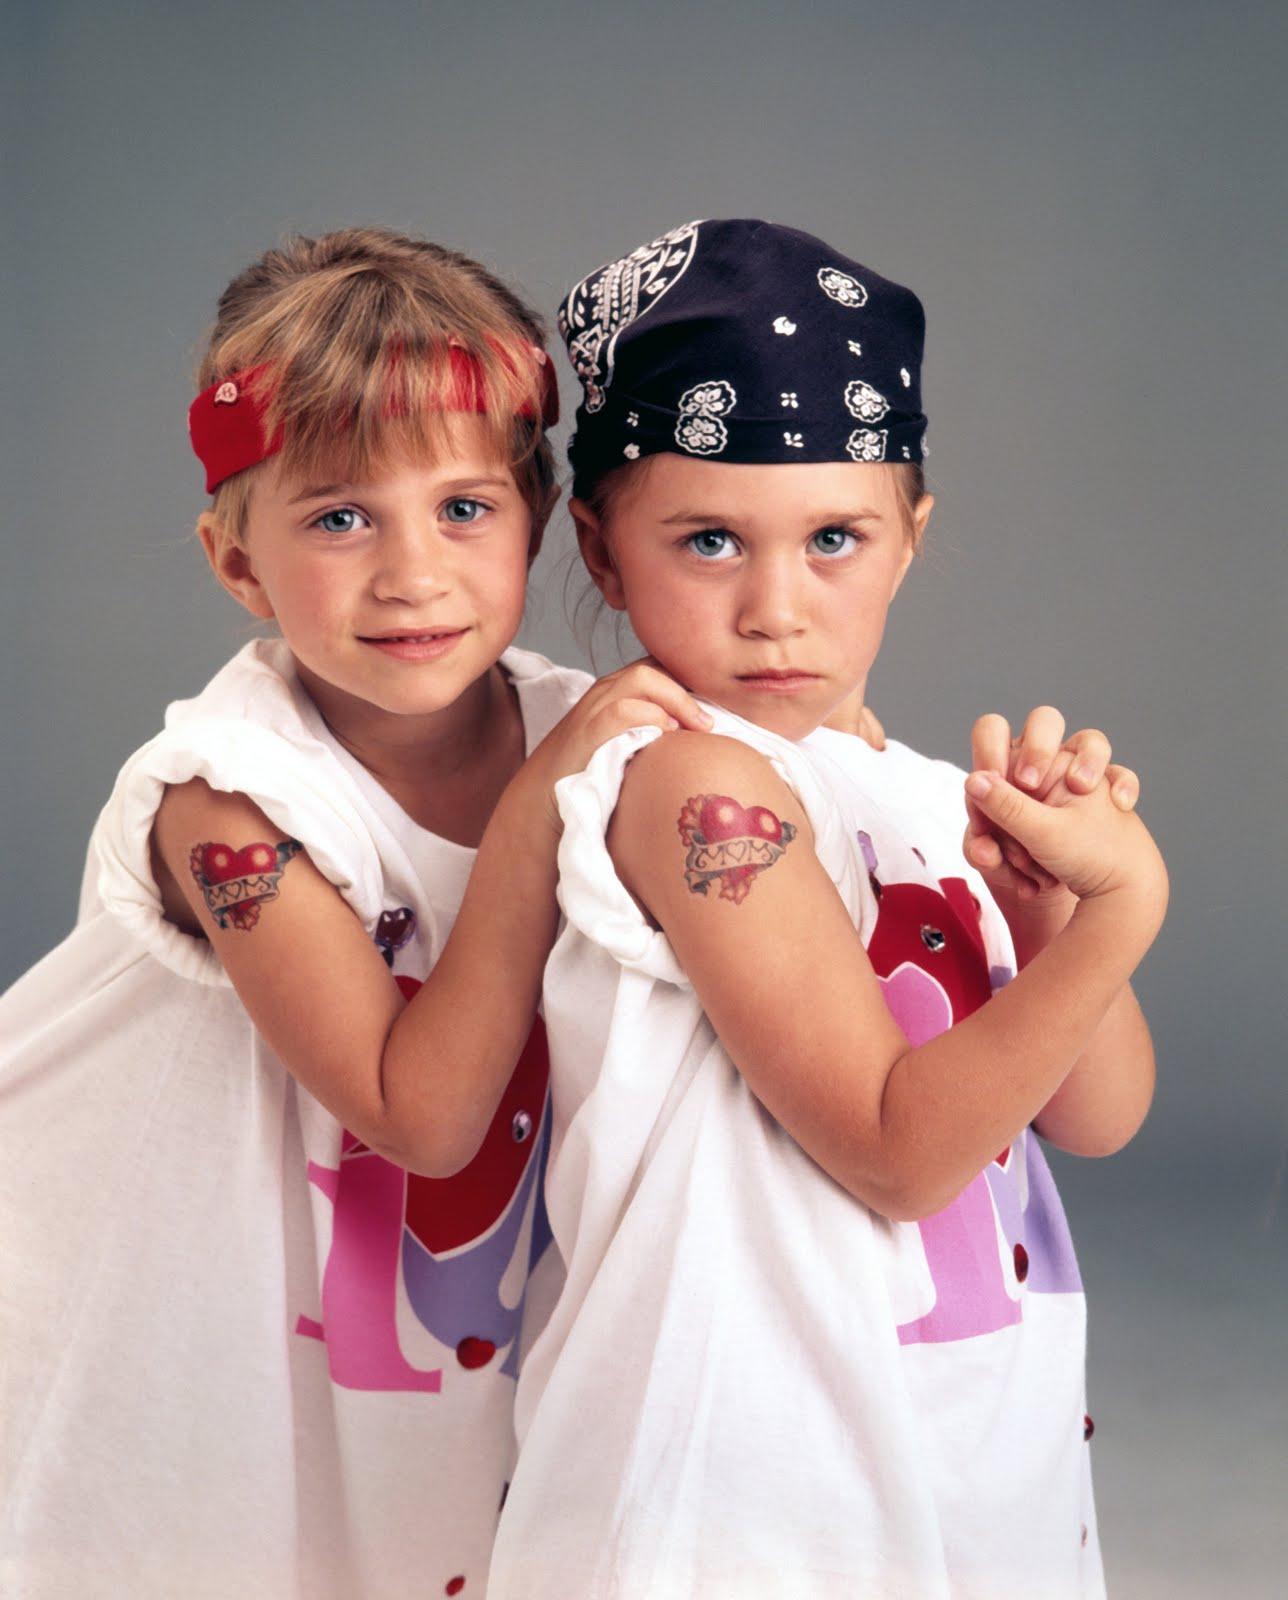 http://4.bp.blogspot.com/-6PGh2HLz4oU/T9s3g3FgzRI/AAAAAAAATvM/_WeNvsO0Pnk/s1600/Olsen-Twins-stars-childhood-pictures-3287751-2053-2550.jpg